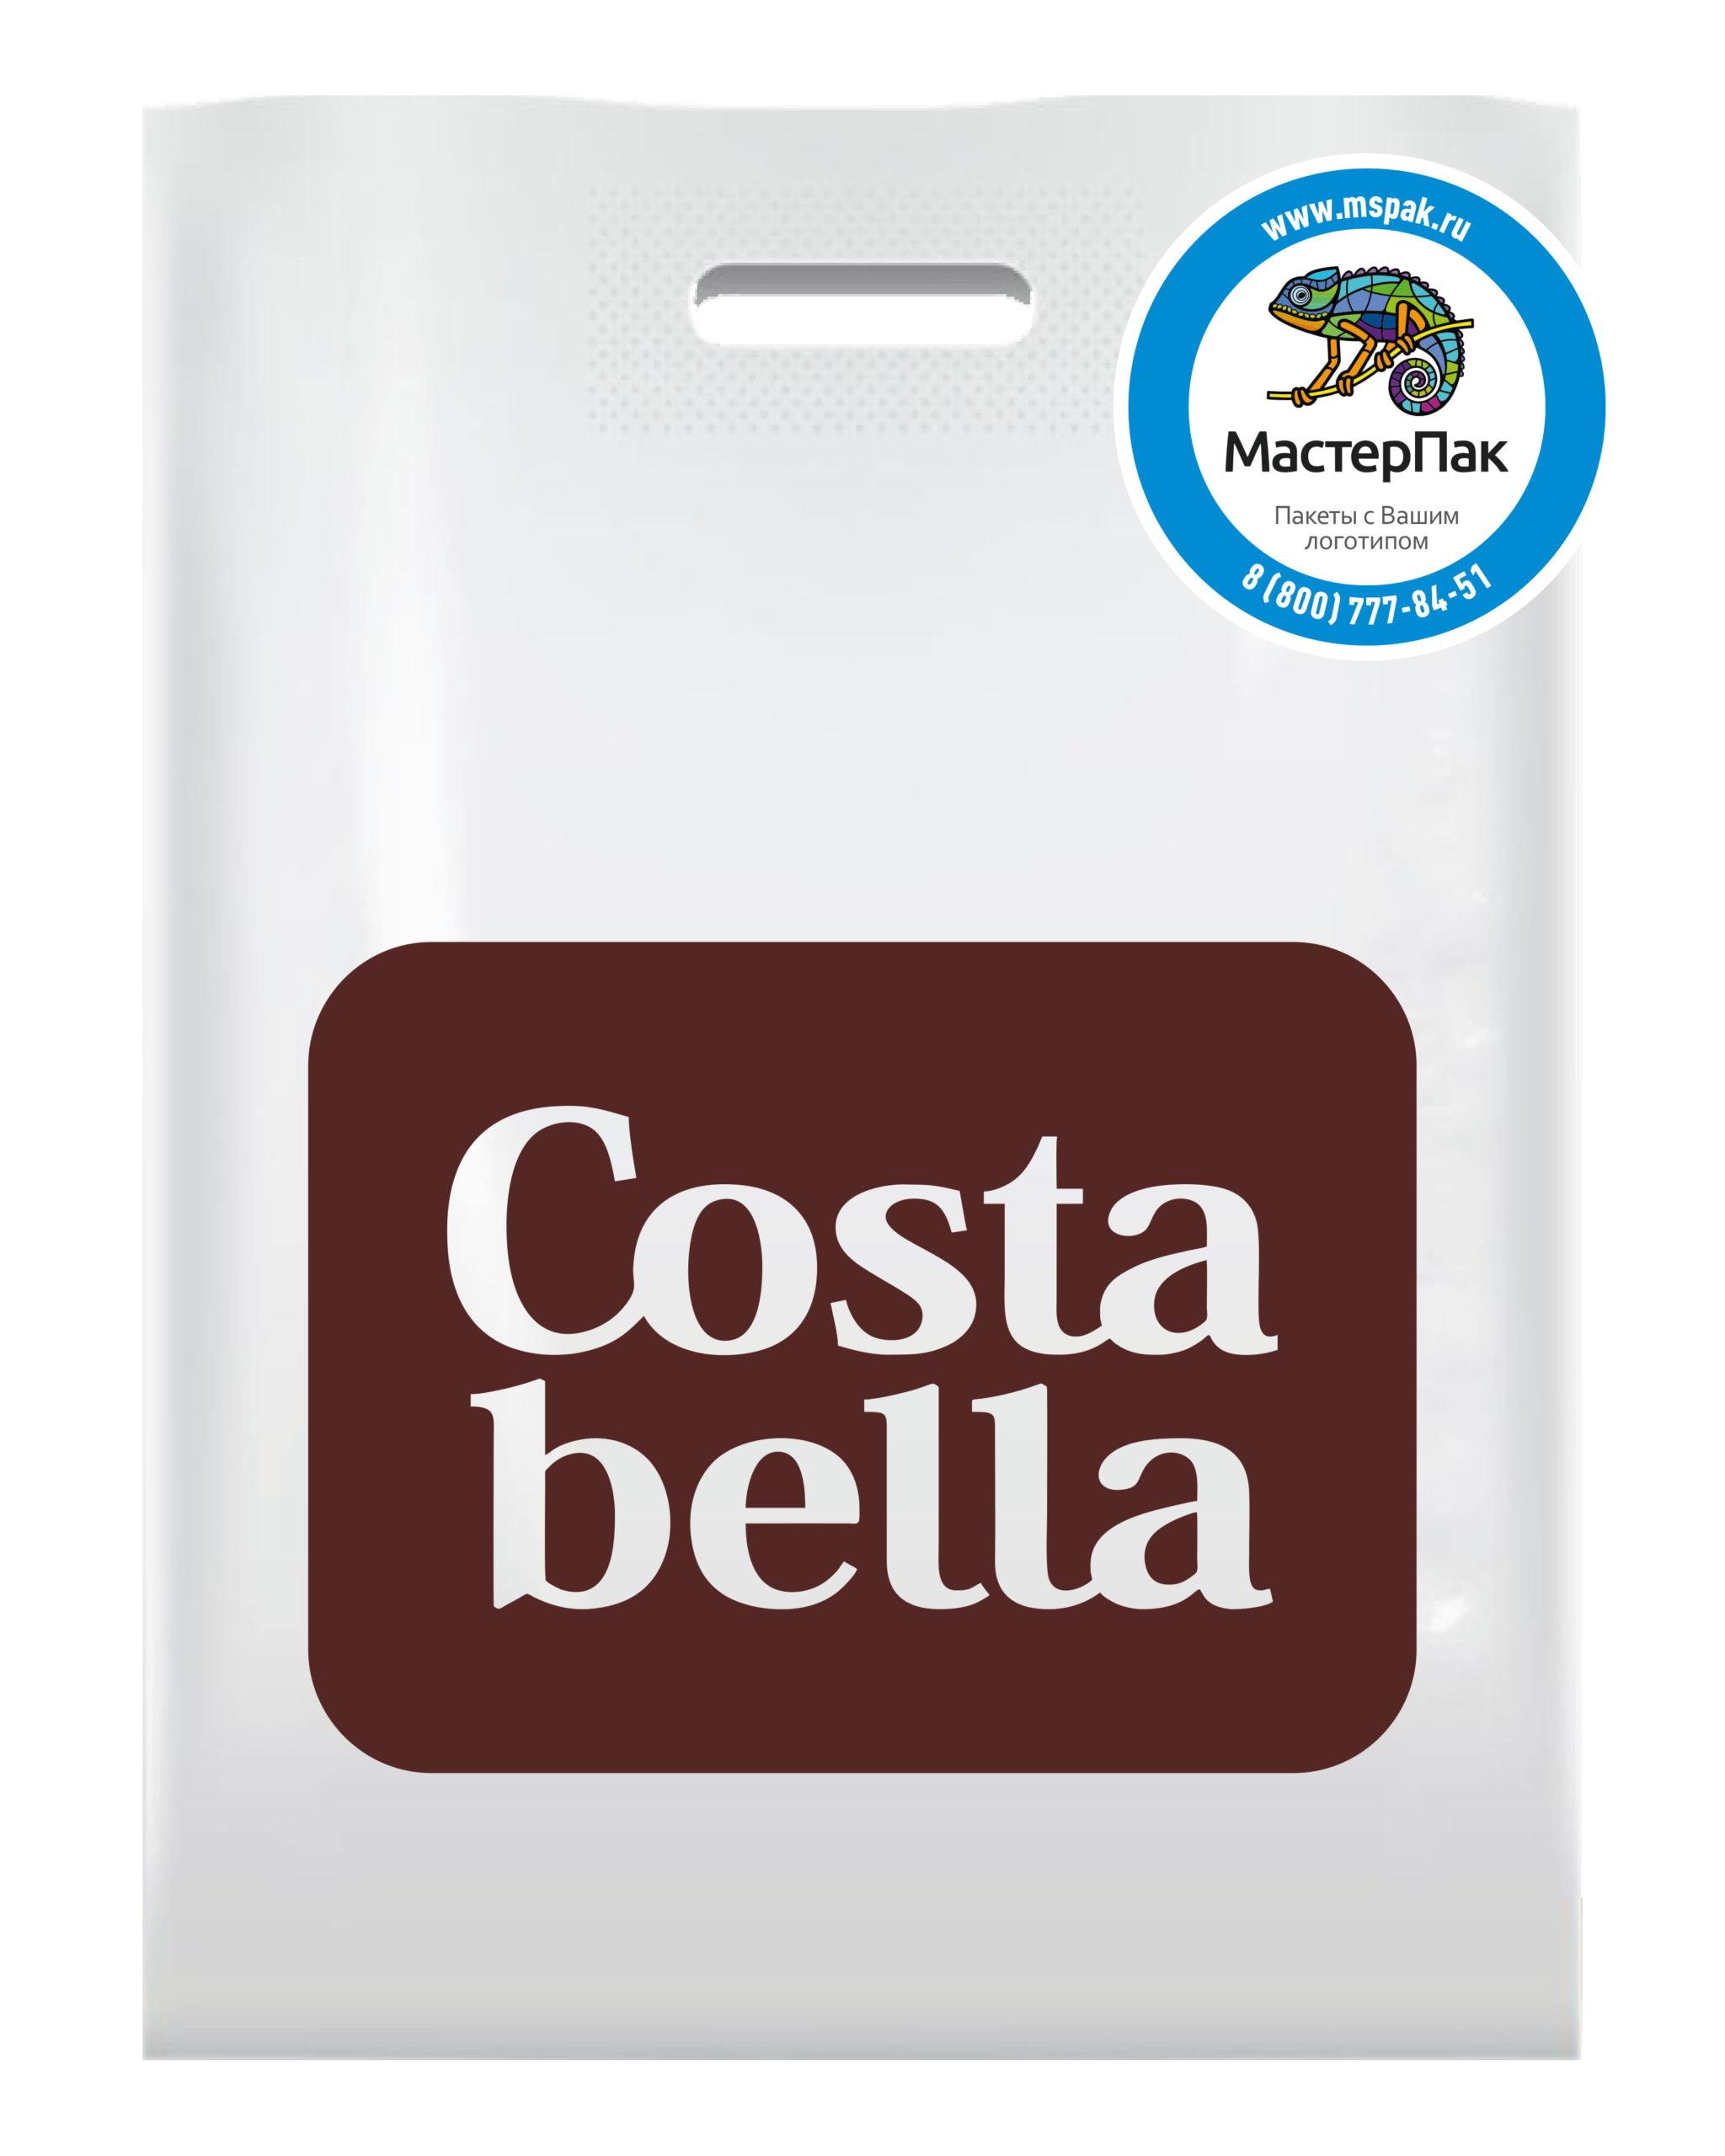 Пакет ПВД с вырубной ручкой и логотипом Costa bella, Санкт-Петербург